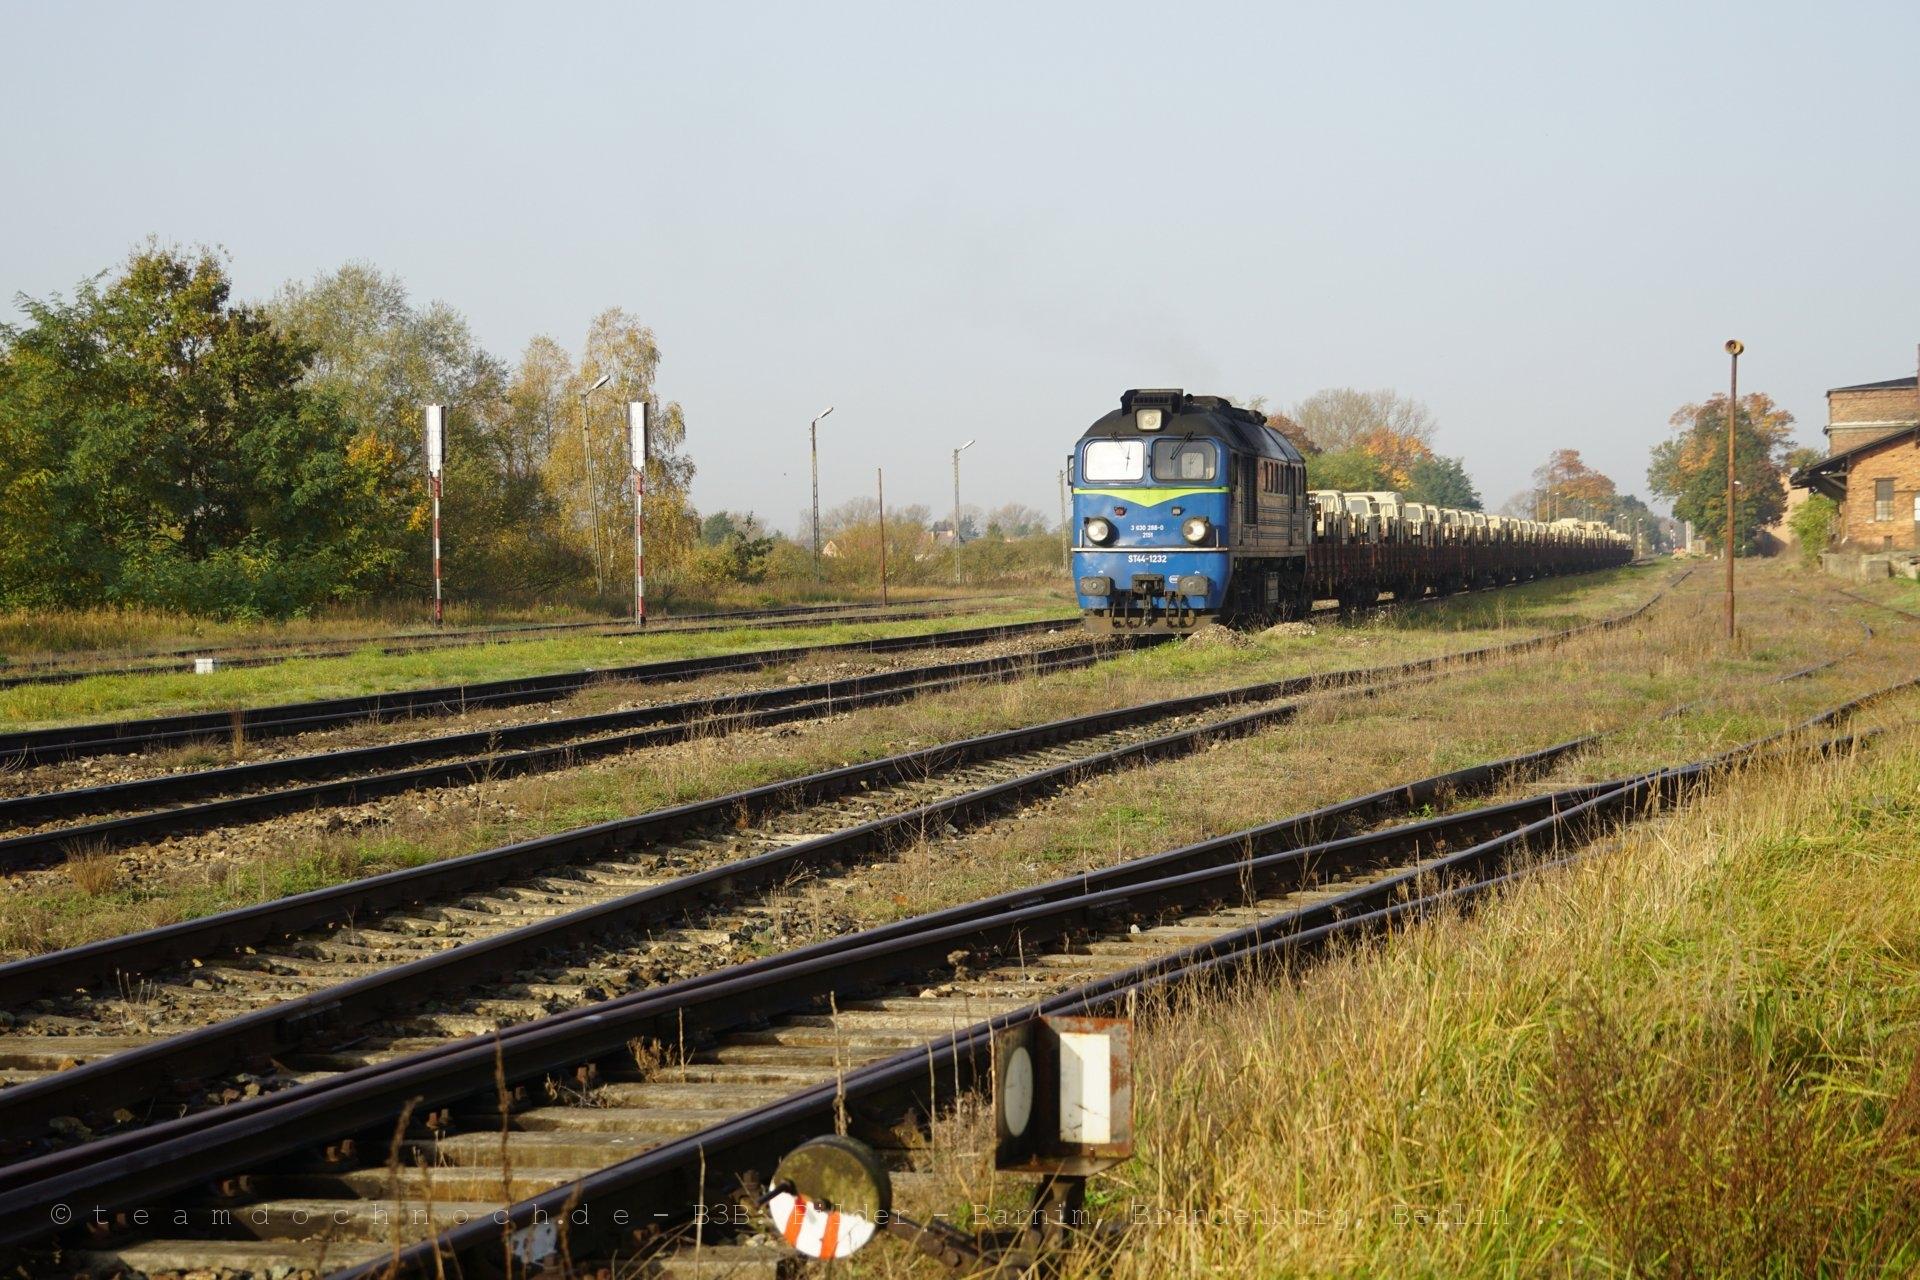 ST44-1232 wartet in Krosno Odrzańskie auf die Weiterfahrt